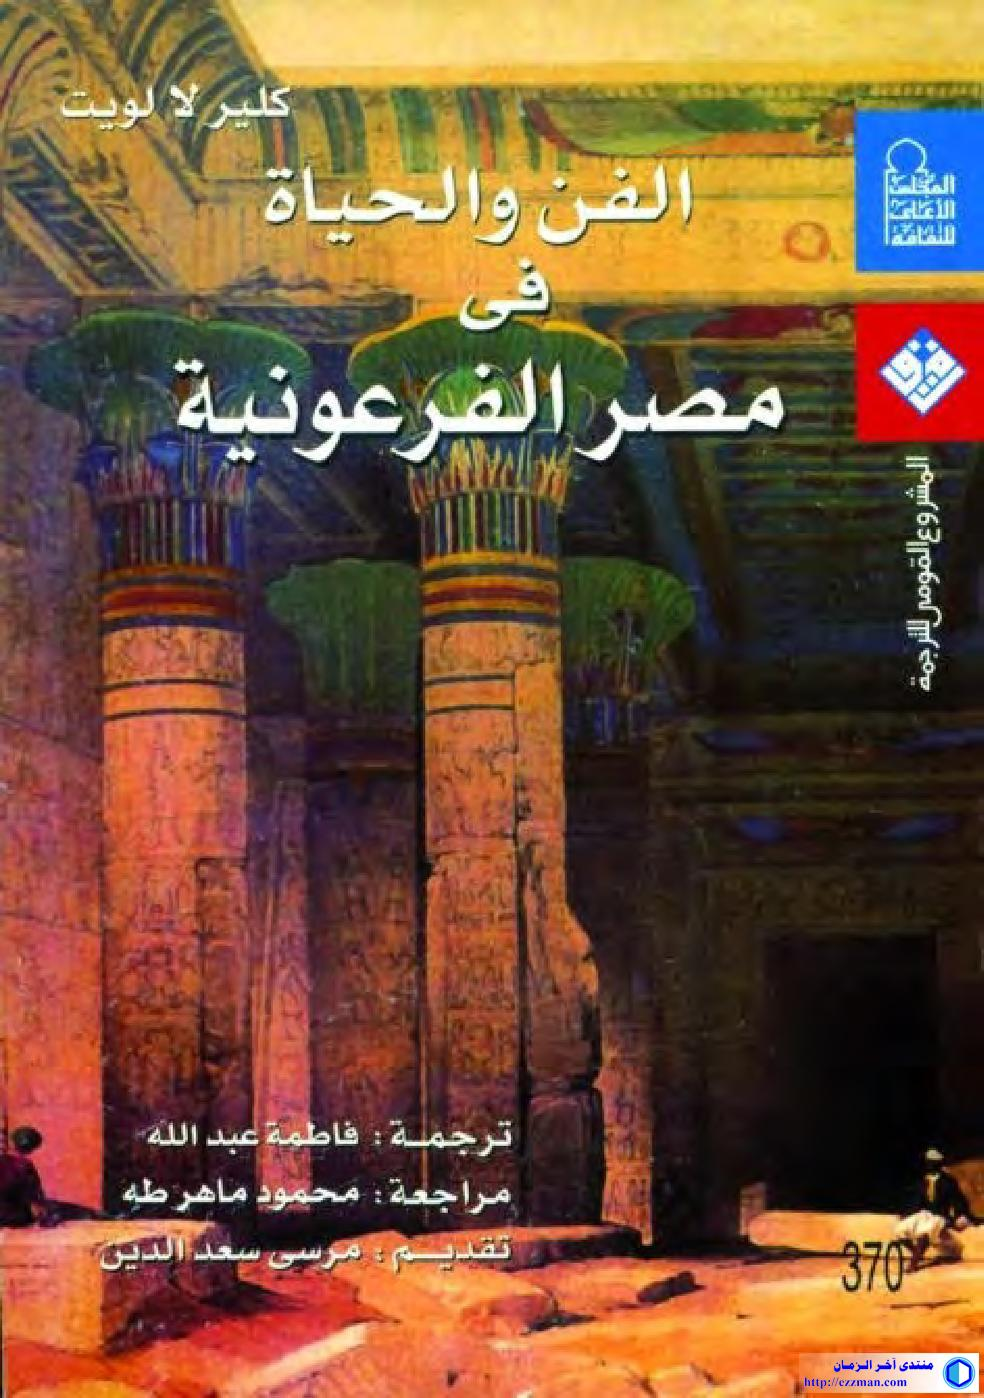 الفن والحياة الفرعونية